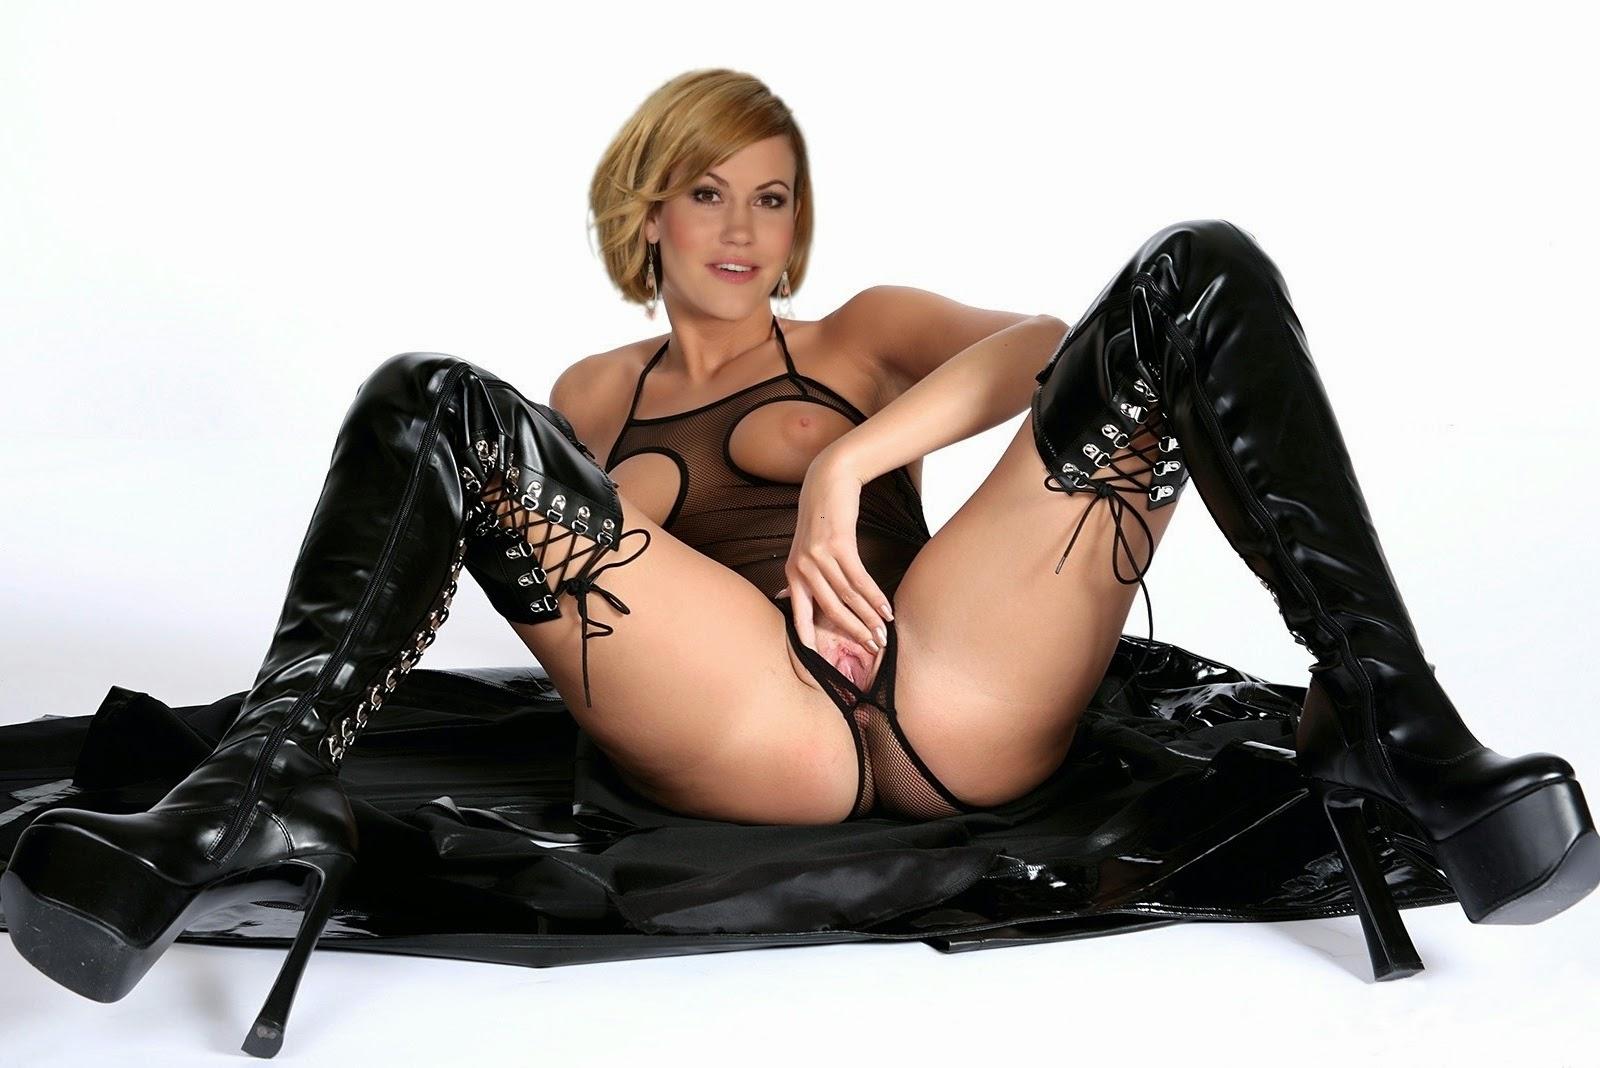 Nackt Bilder : Wolke Hegenbarth Nude Nackt Photos   nackter arsch.com